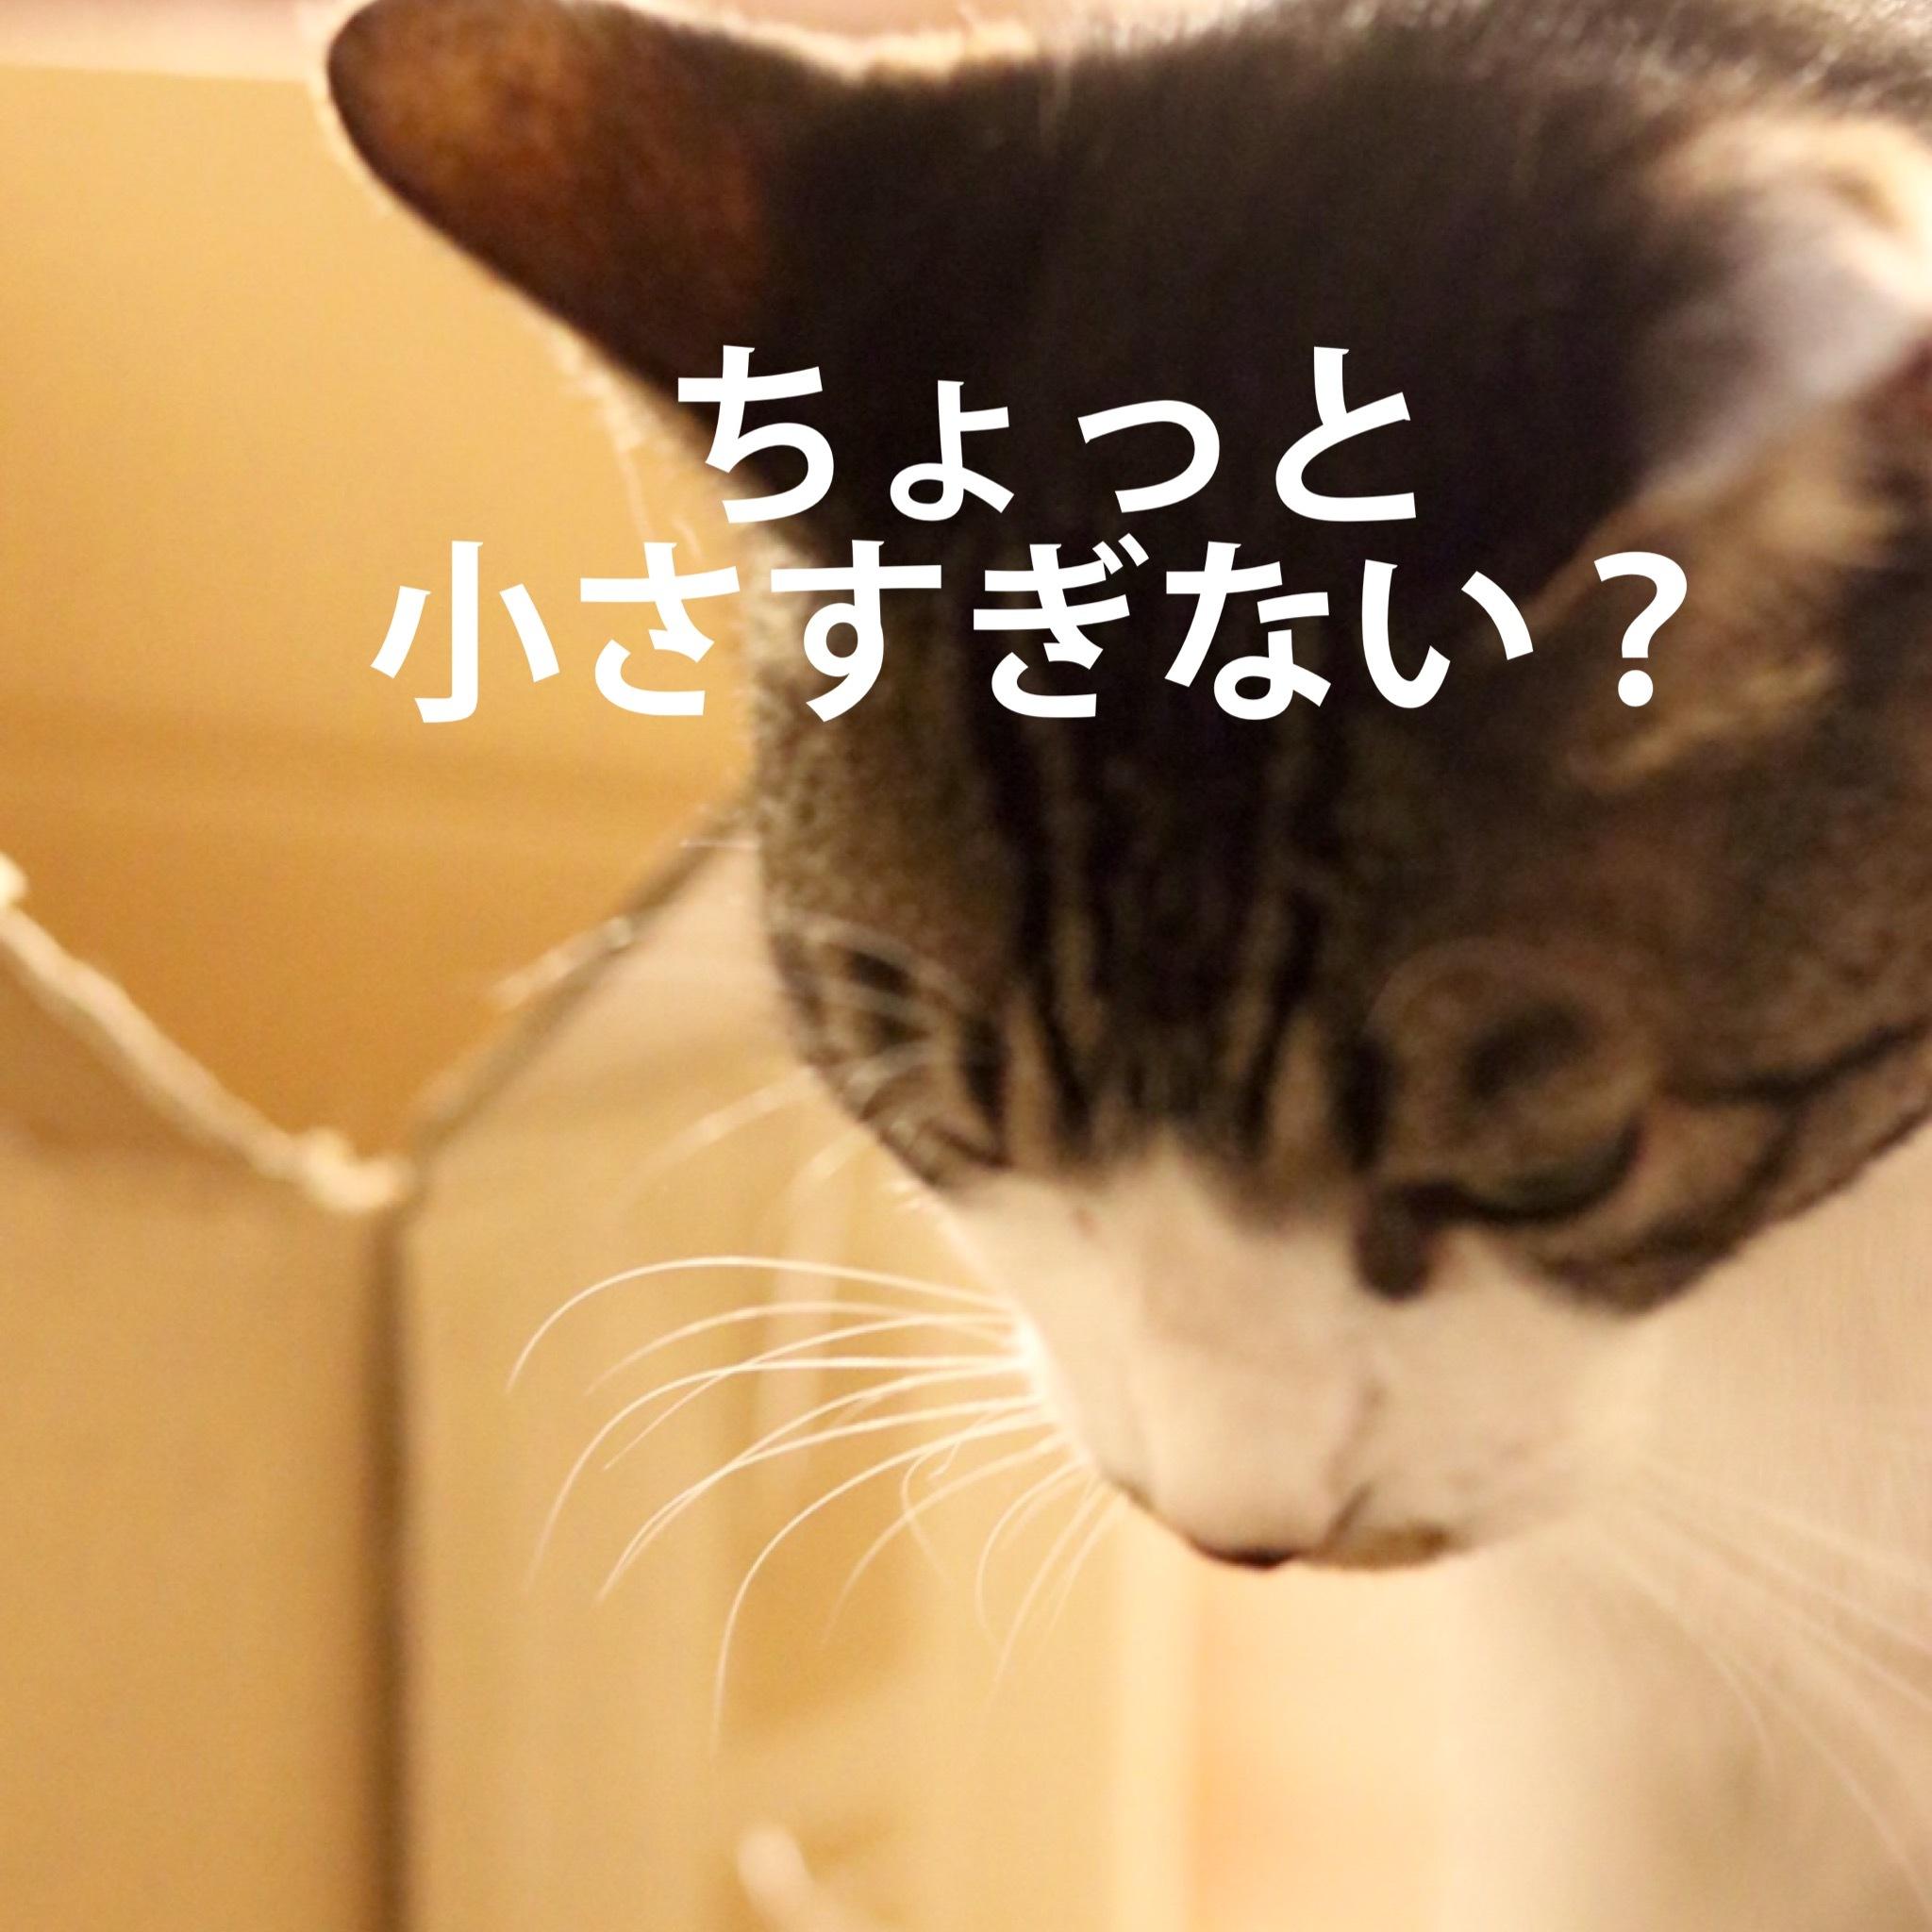 にゃんこ劇場「ぼく、できるもん」_c0366722_04400537.jpeg